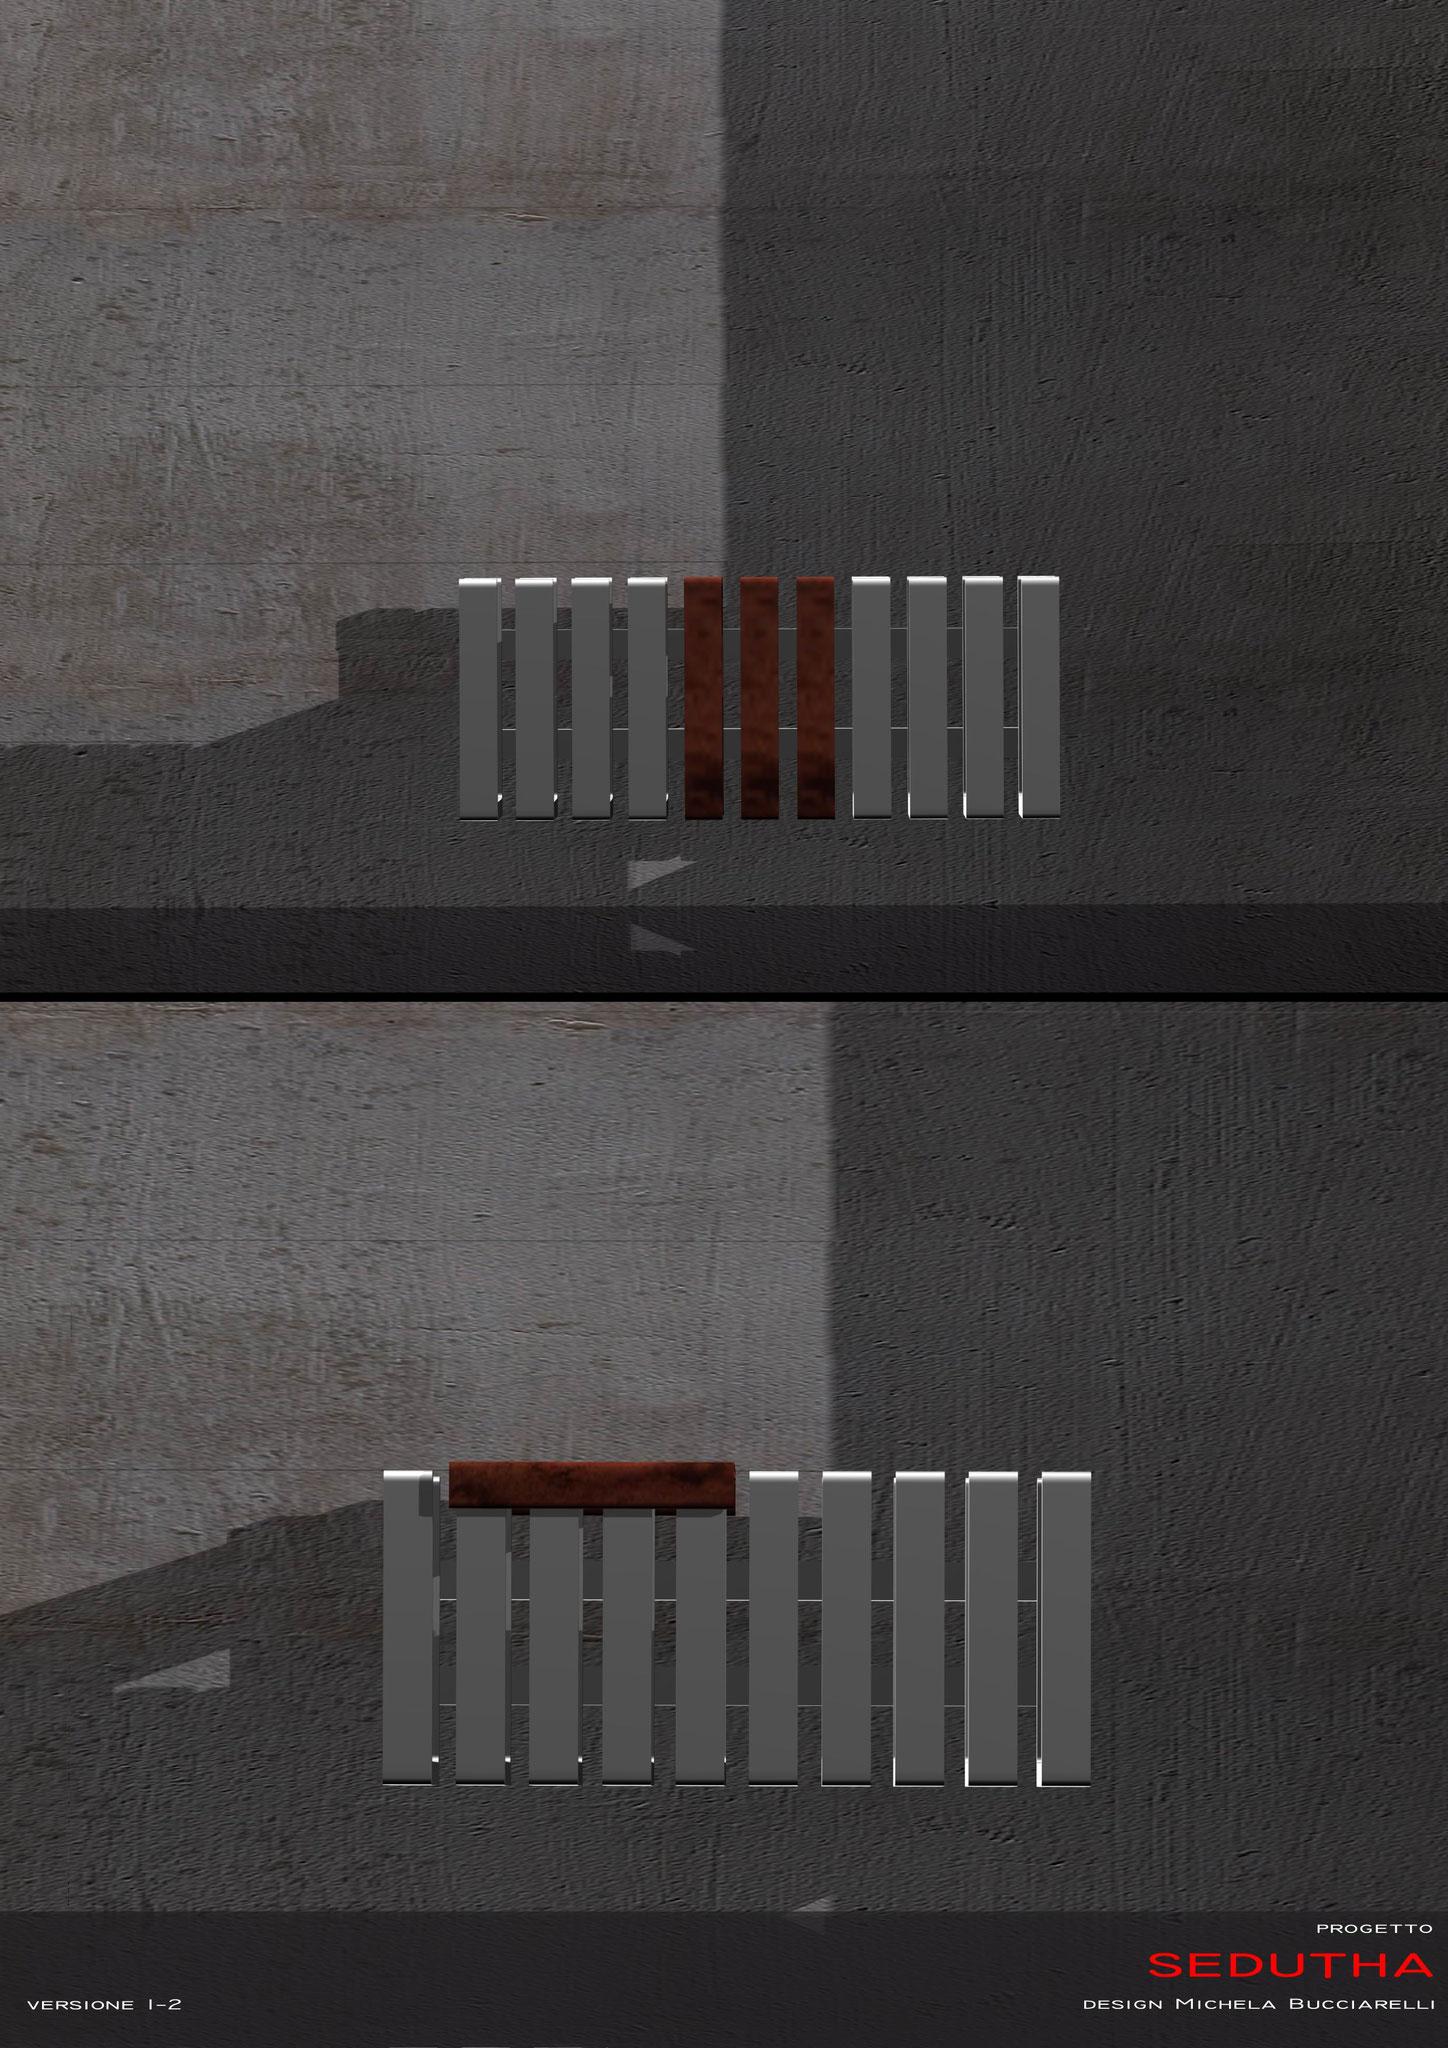 Sedutha - Studio radiatore seduta-scaldasalviette 2007 ADHOC Gruppo Ragaini   rendering.